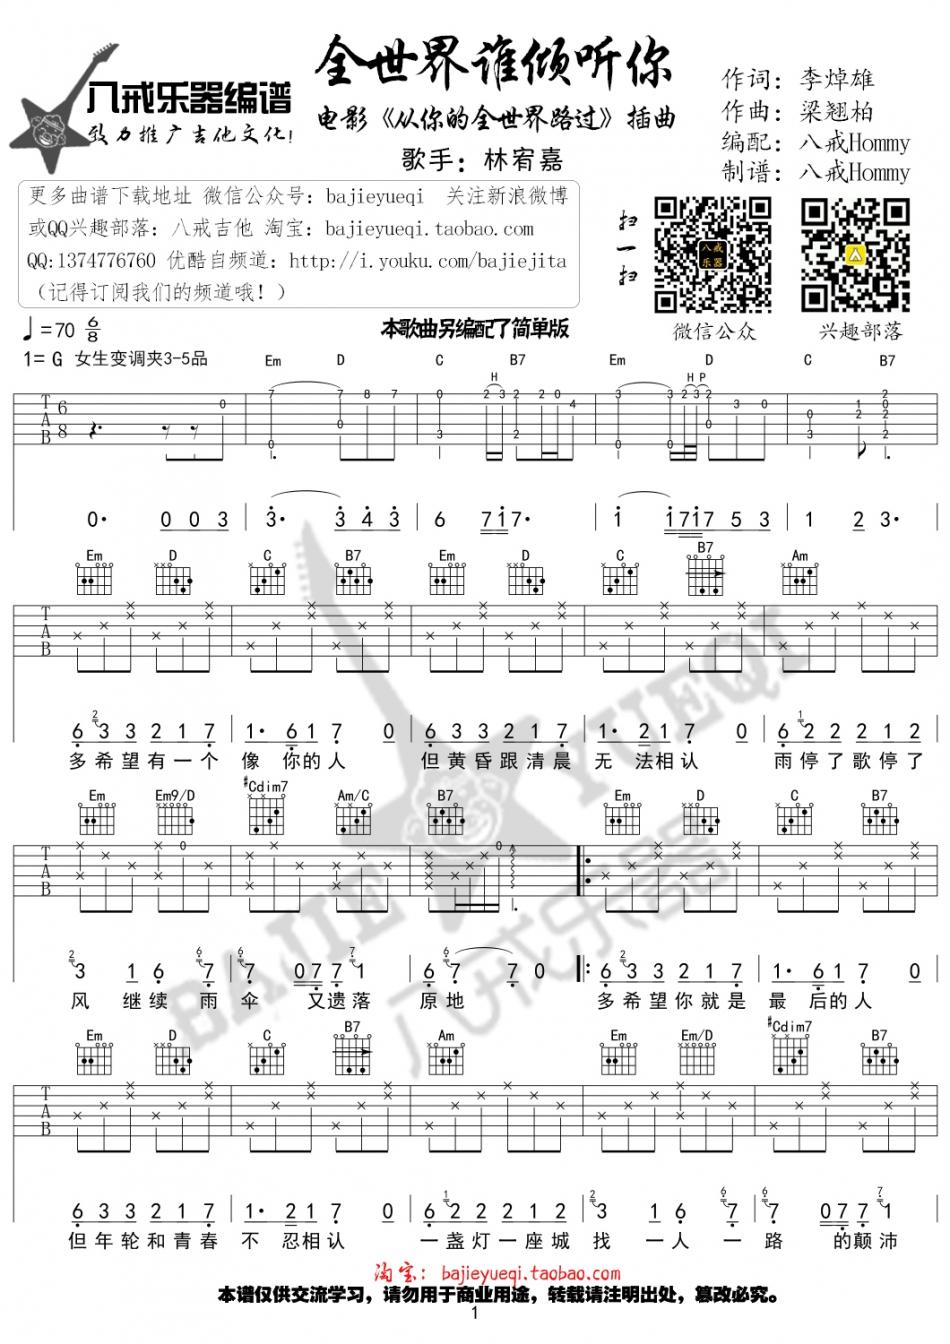 全世界誰傾聽你-林宥嘉-图片吉他谱-1